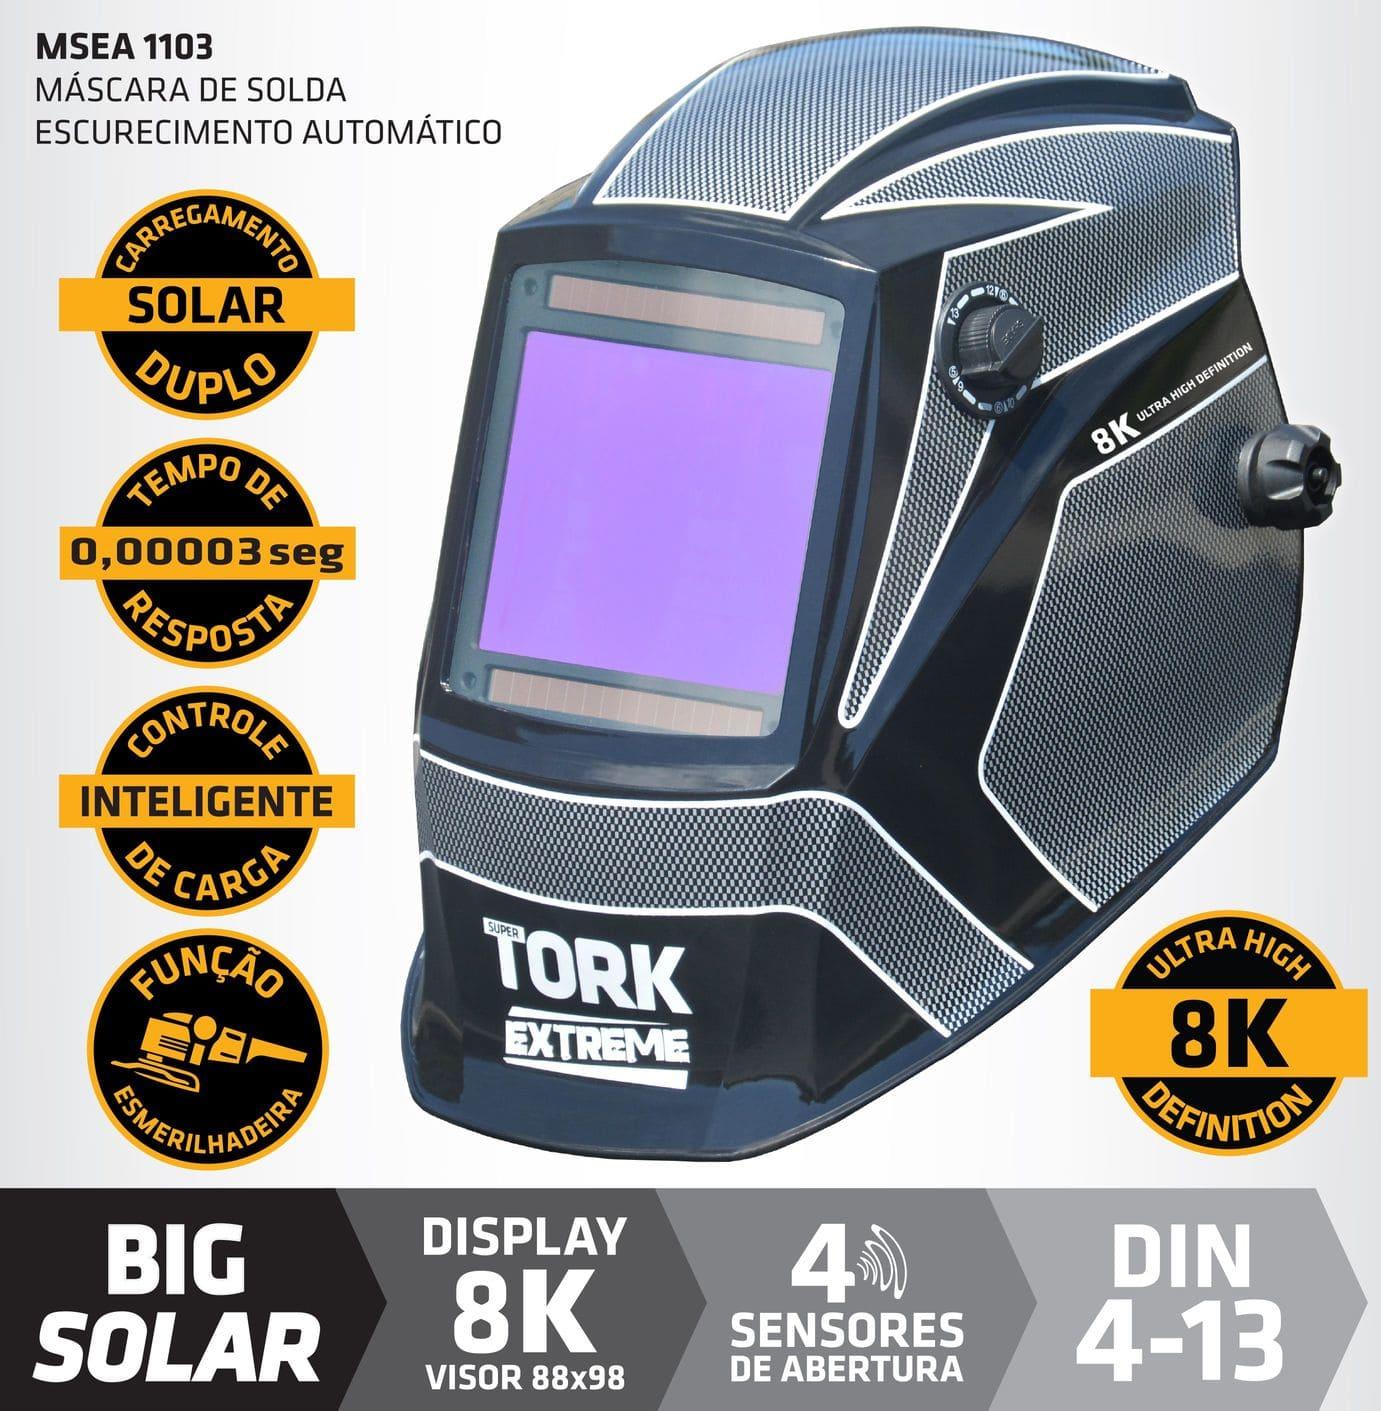 Máscara de Solda MSEA-1103 SUPER TORK EXTREME